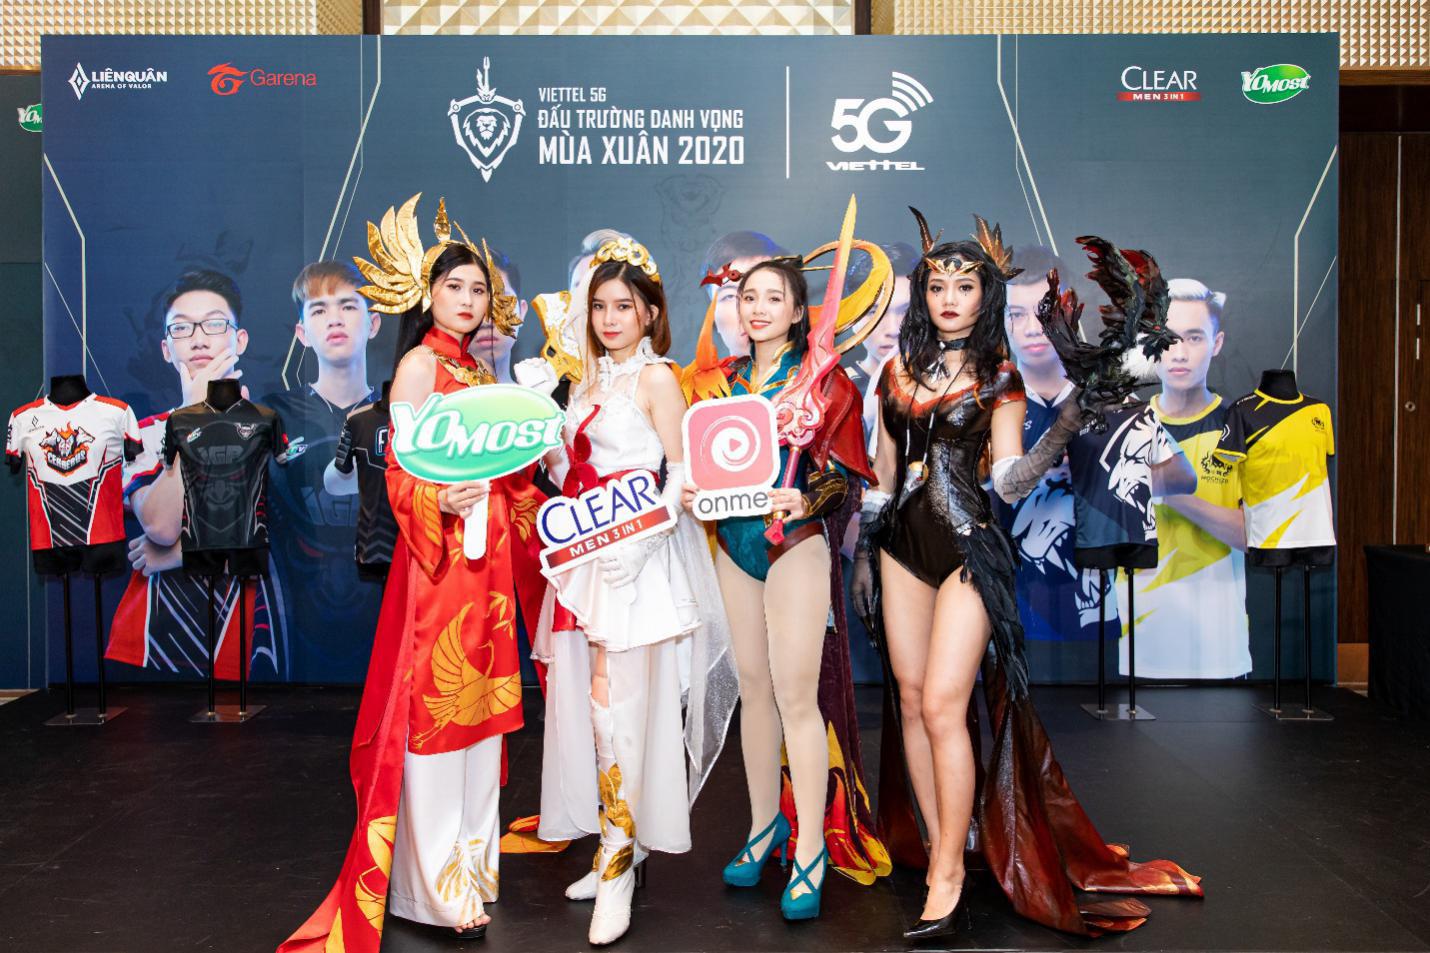 Công bố giải chuyên nghiệp Liên Quân Mobile Viettel 5G Đấu trường Danh vọng Mùa xuân 2020 - Ảnh 2.